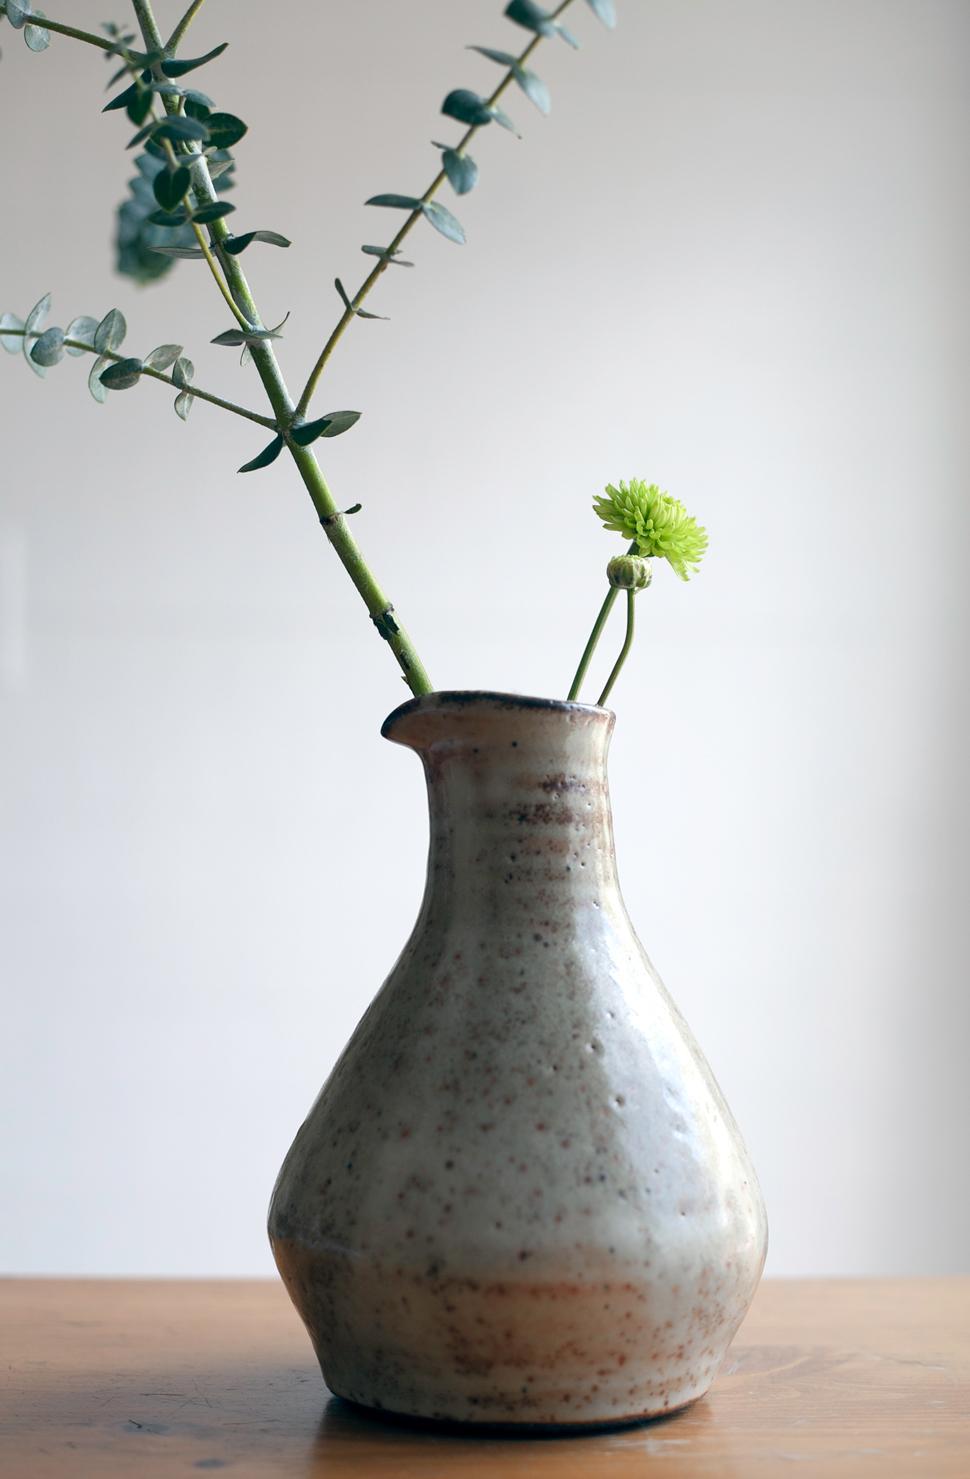 flower_970